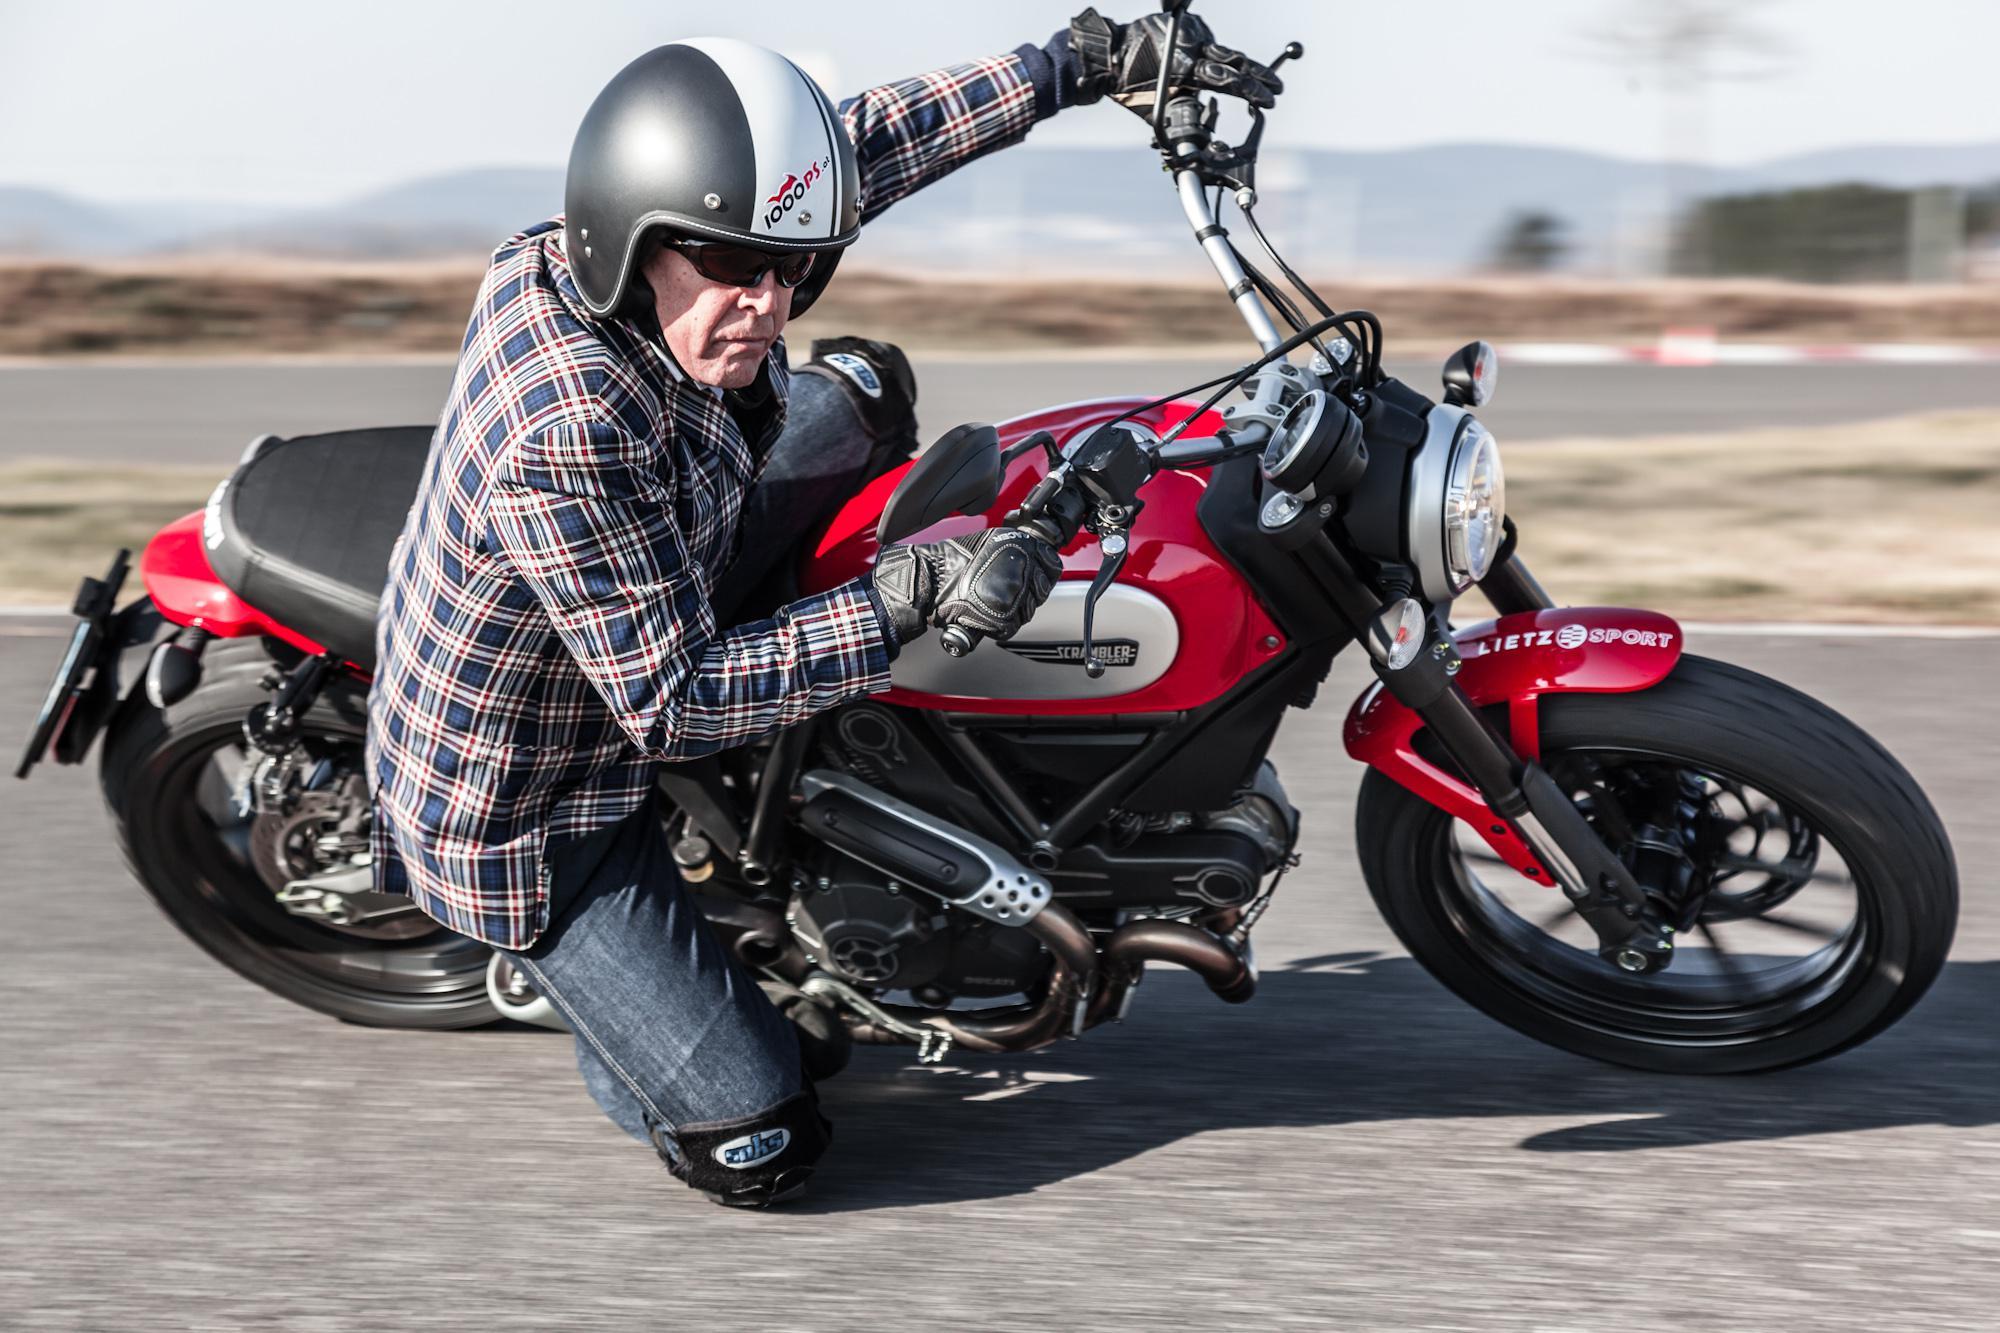 Ducati Scrambler Red